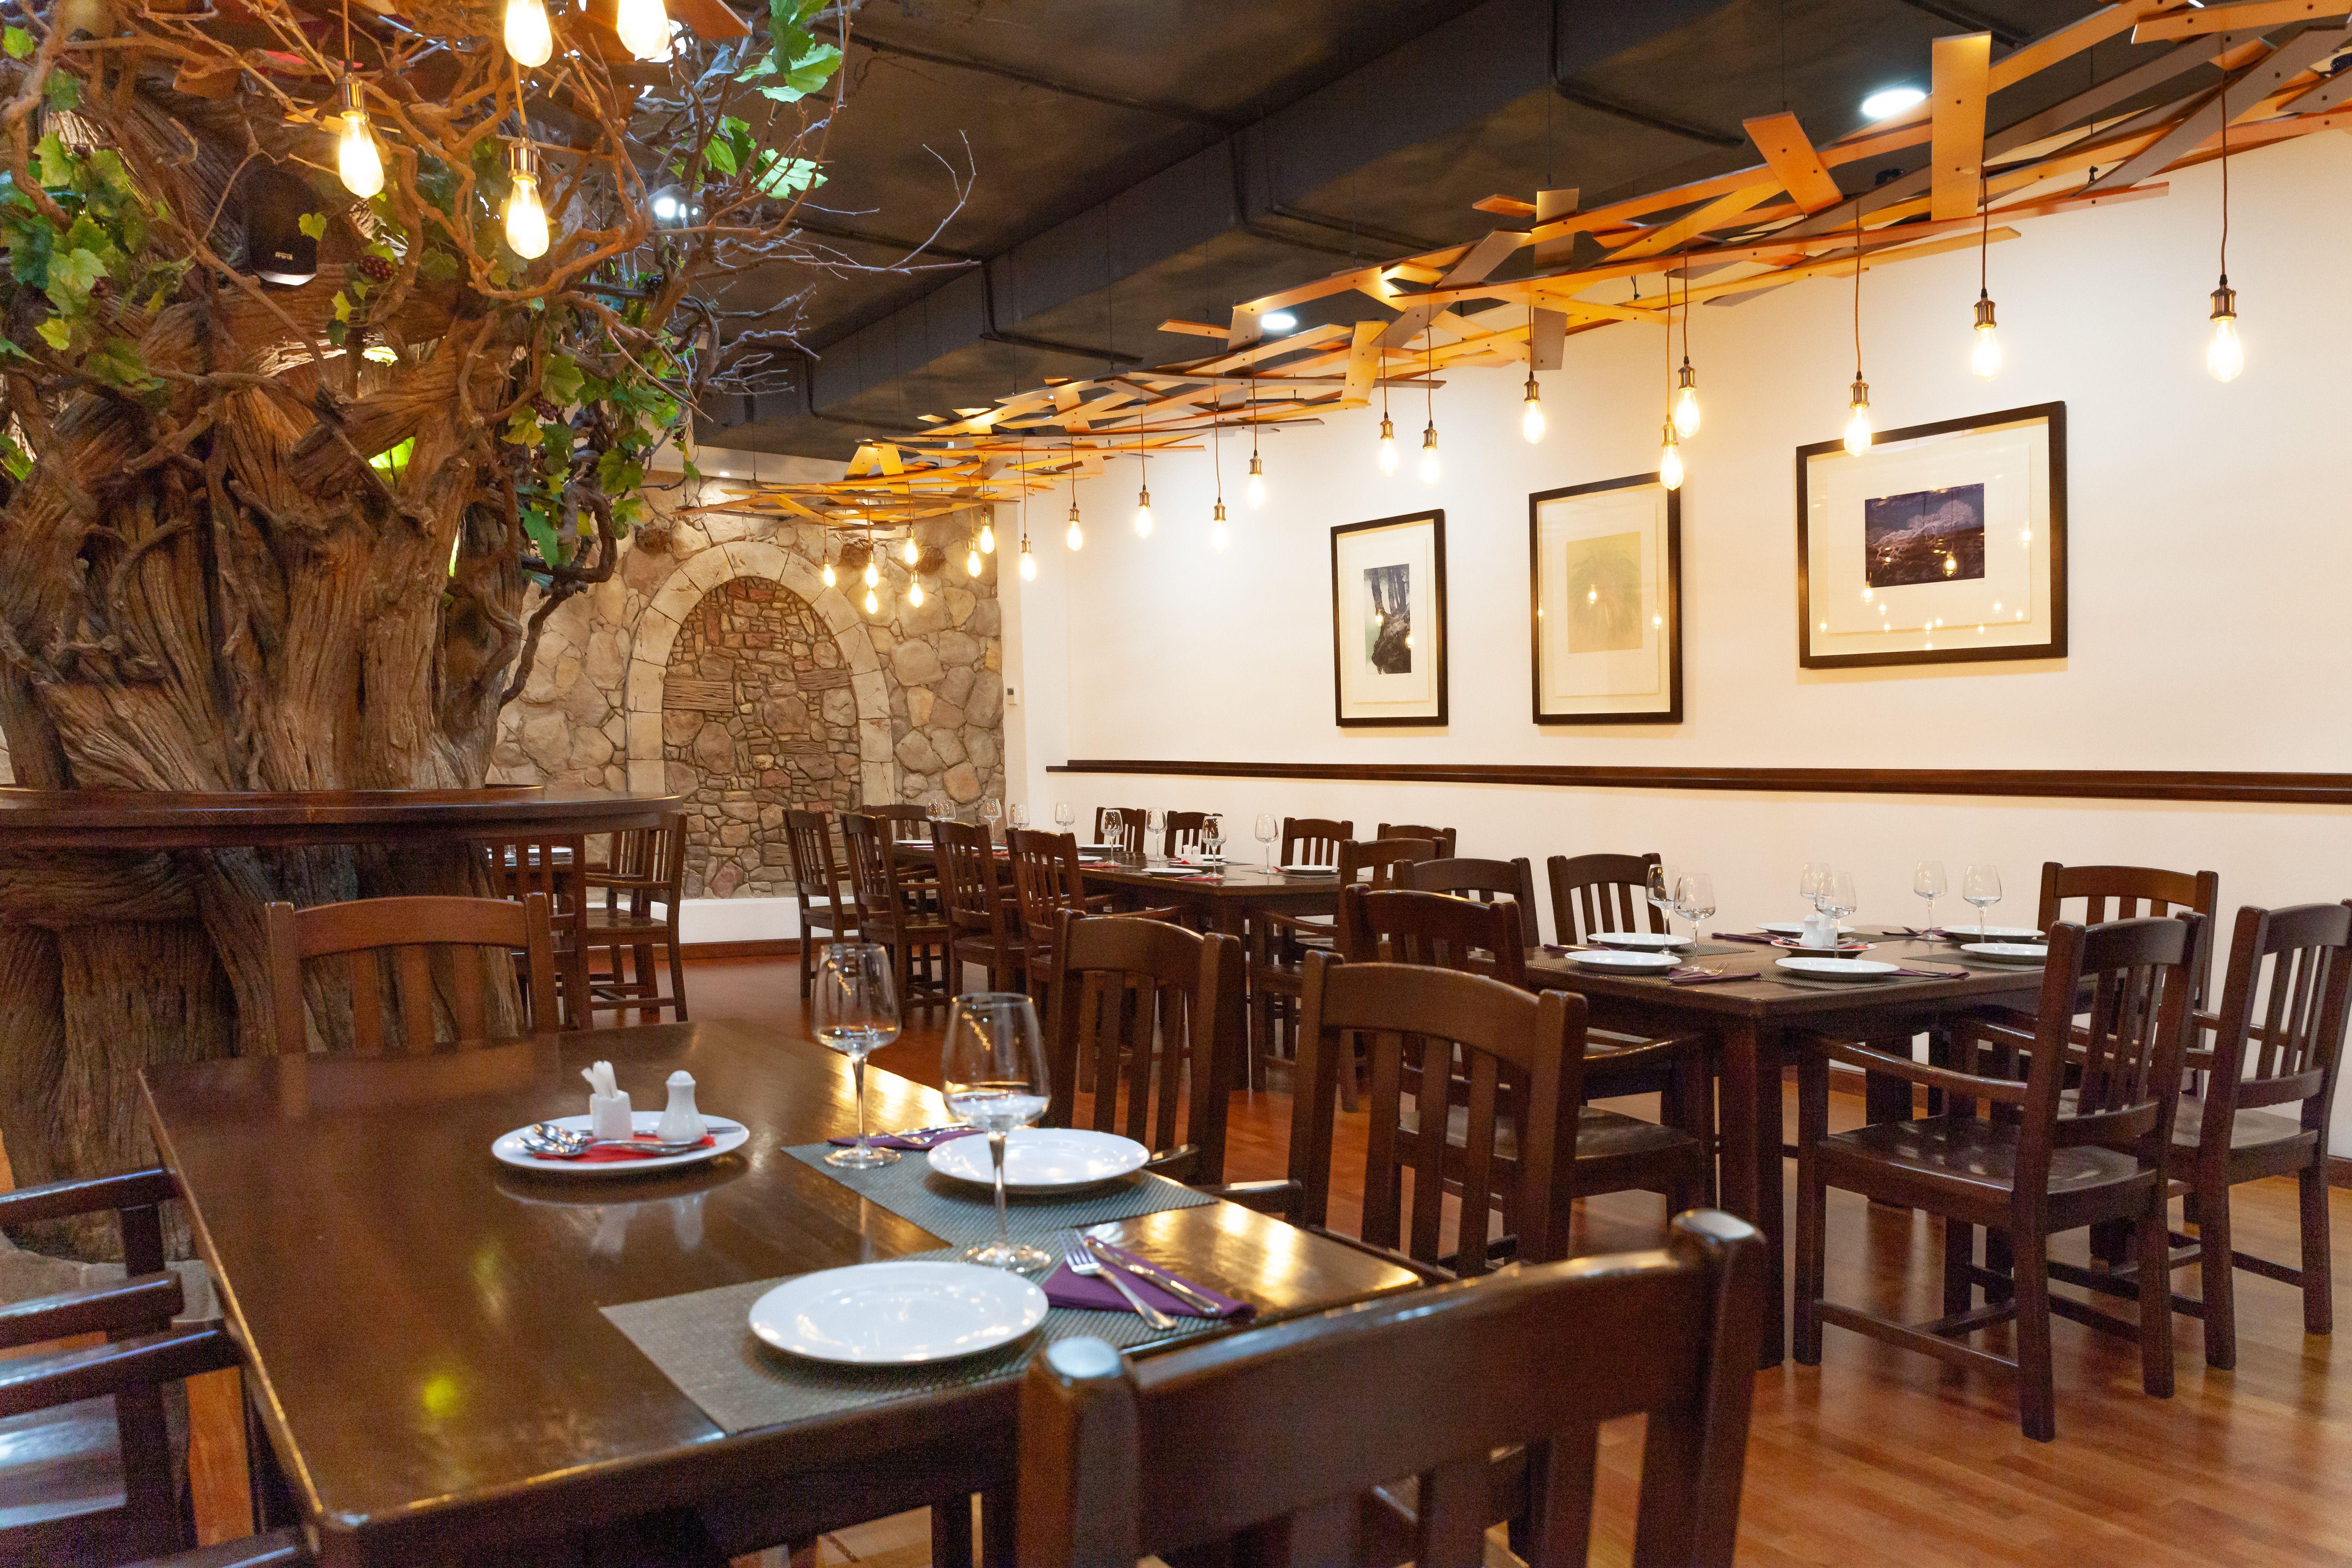 Foto 2 de Cocina canaria en La Orotava | Restaurante Bodegón Tapias